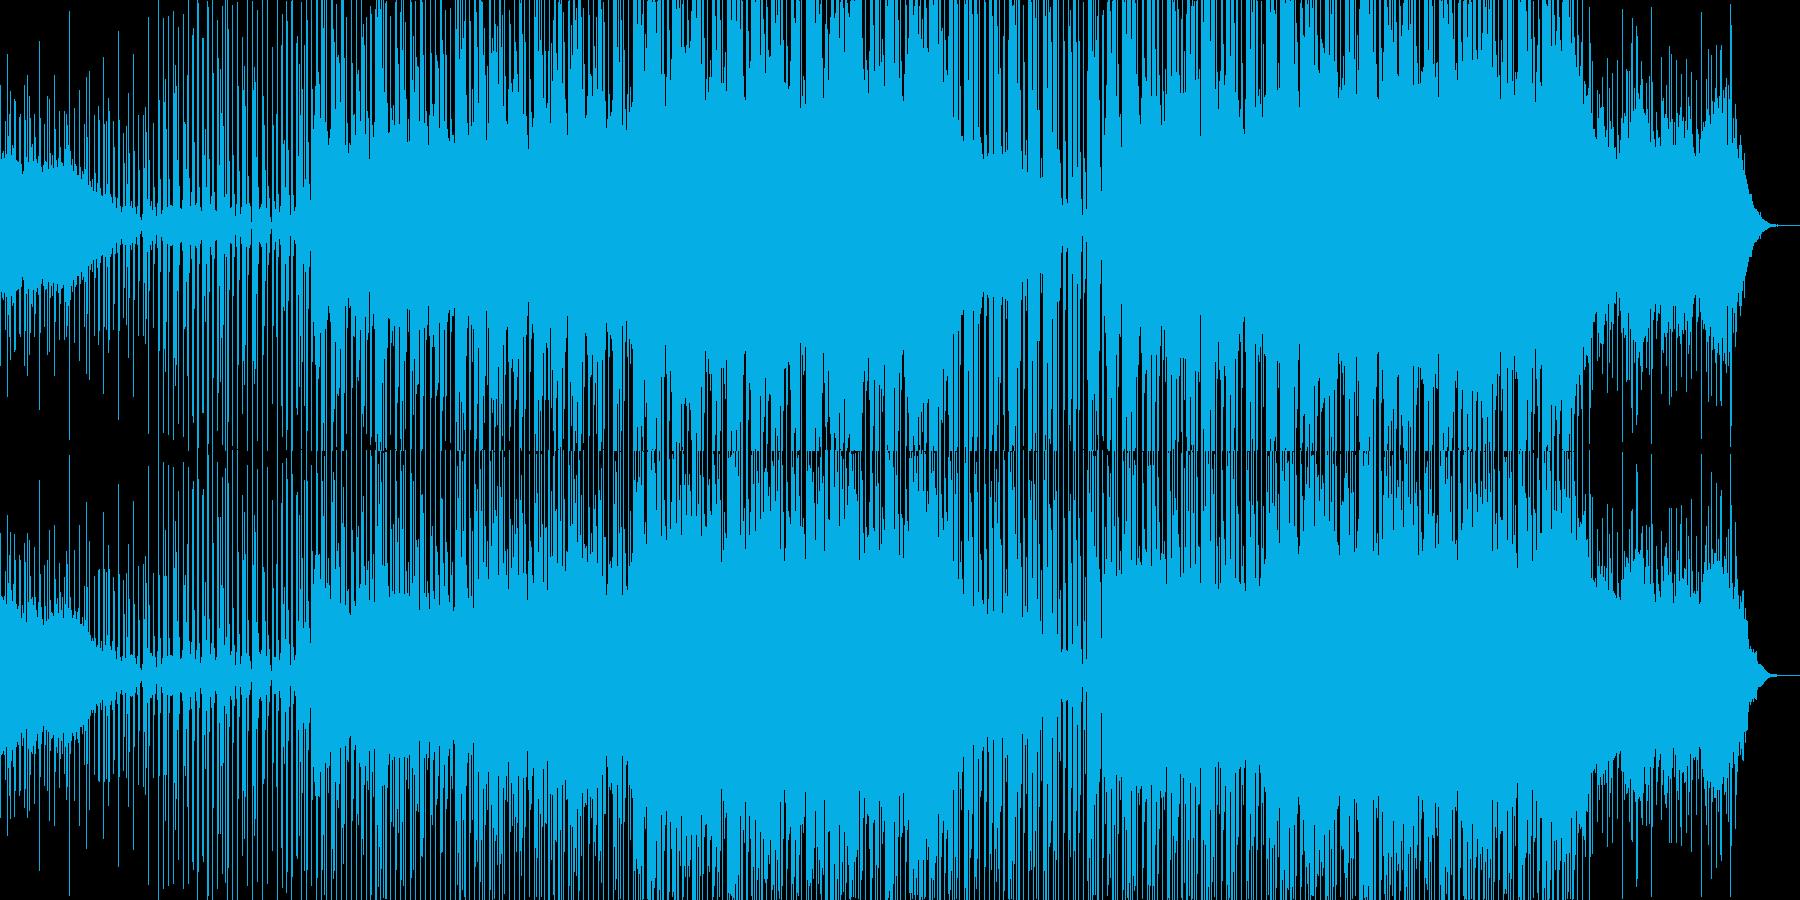 明るい躍動、壮大なメロディー、エレクトロの再生済みの波形